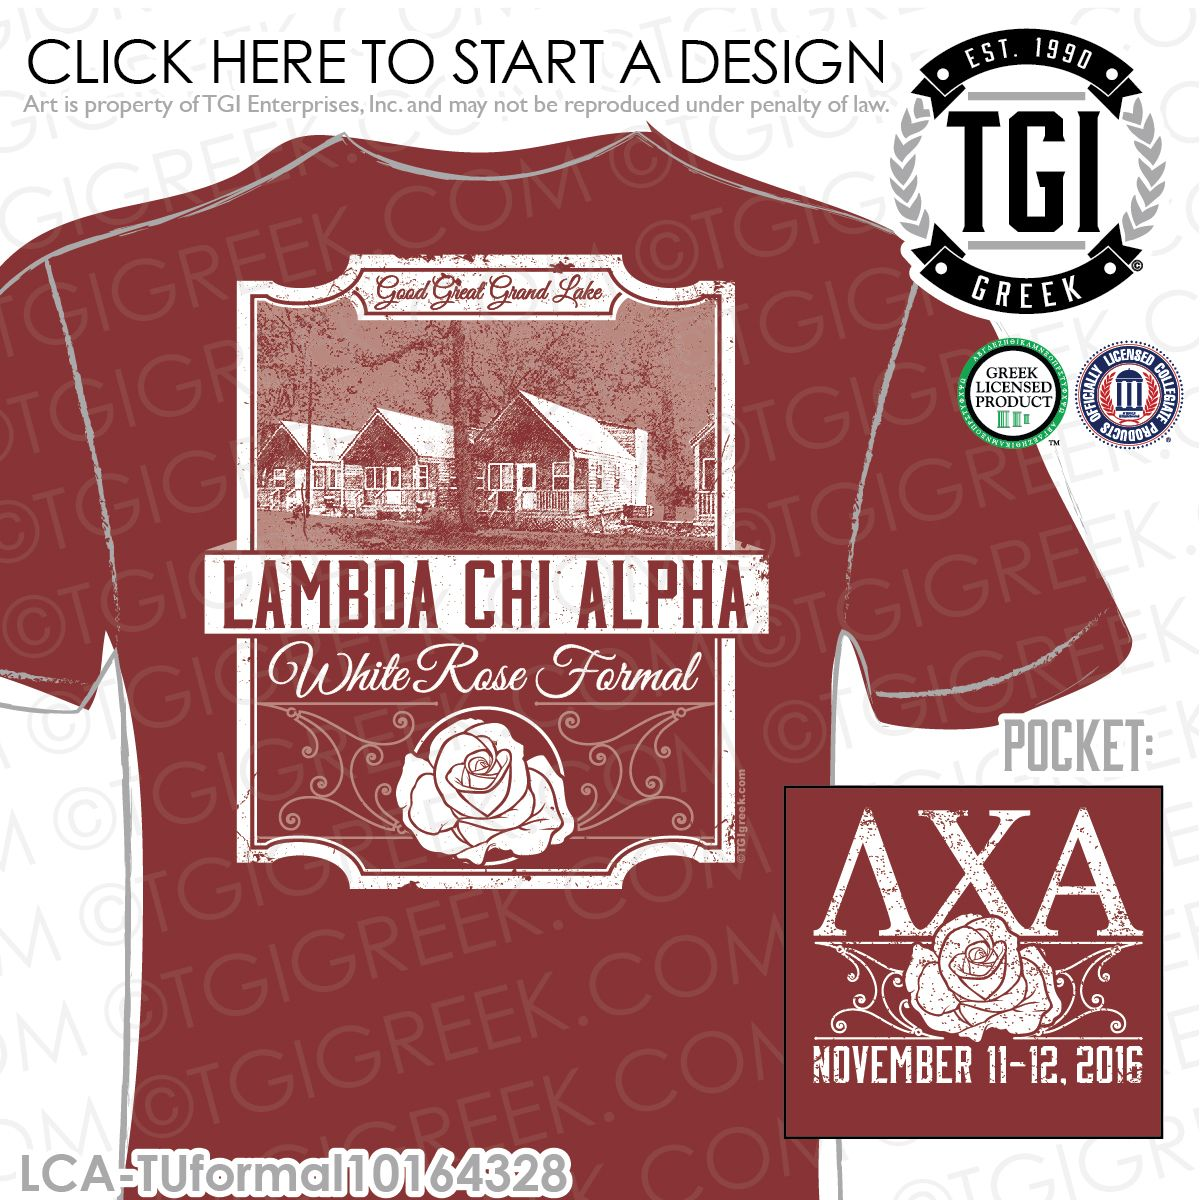 T shirt printing at white rose - Lambda Chi Alpha White Rose Formal Fall Formal Semi Formal Fraternity Formal Formal T Shirts Brotherhood Greek Formals Tgi Greek